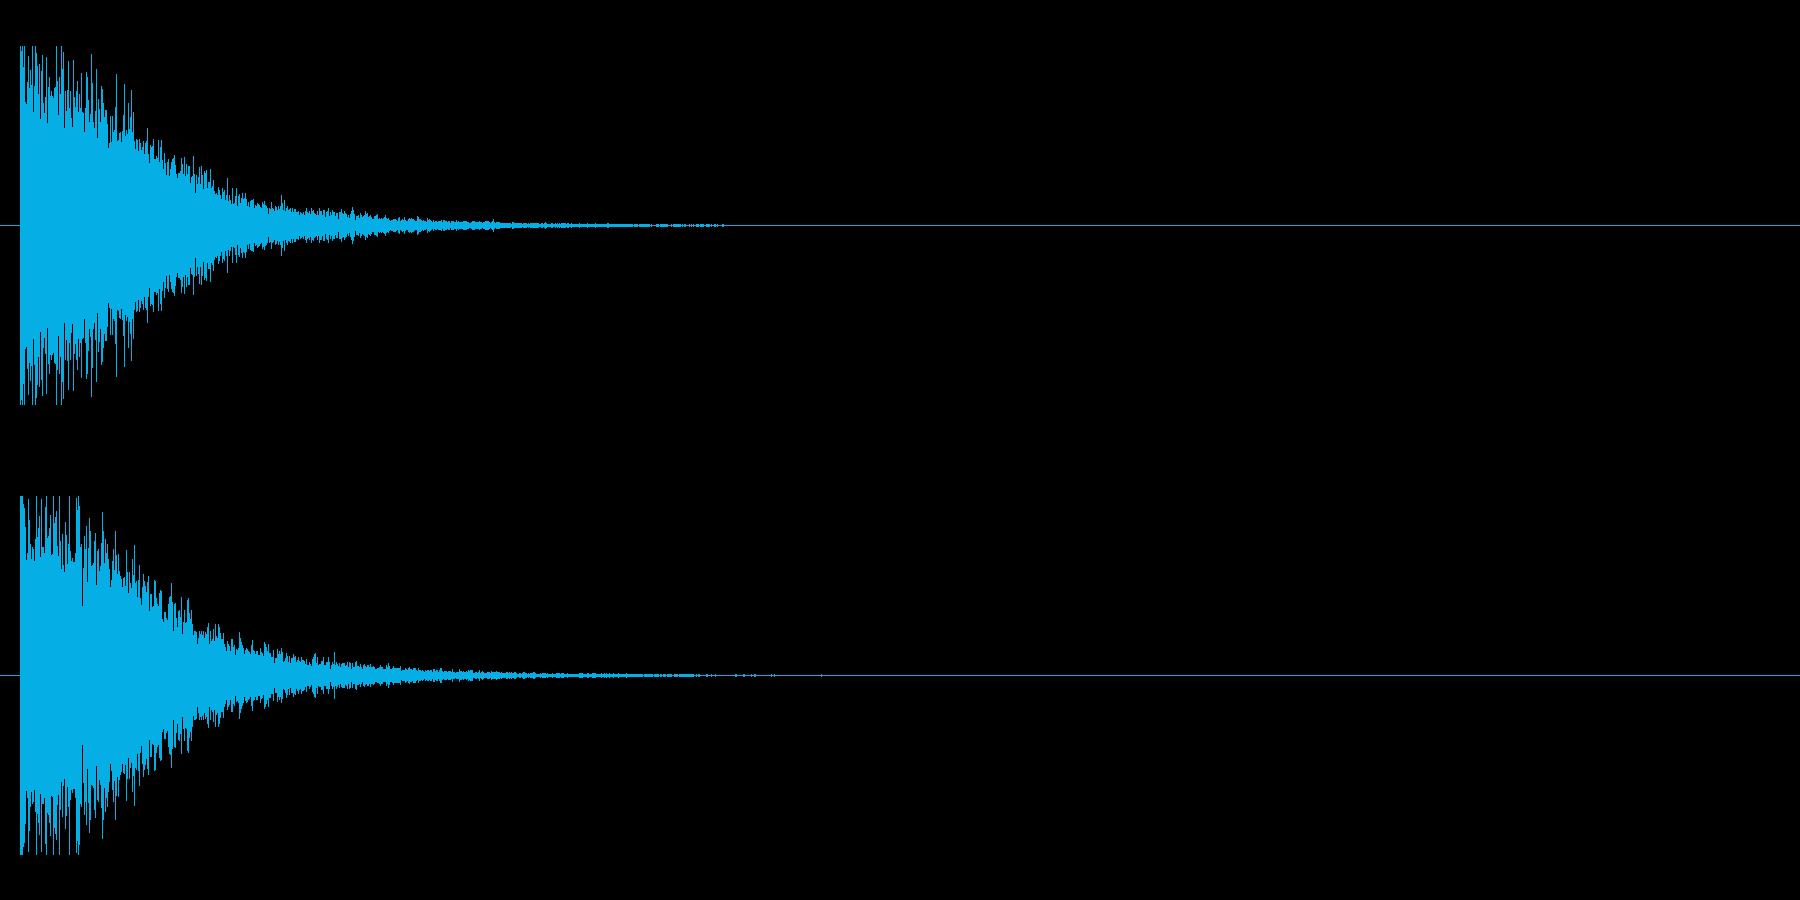 レーザー音-146-1の再生済みの波形